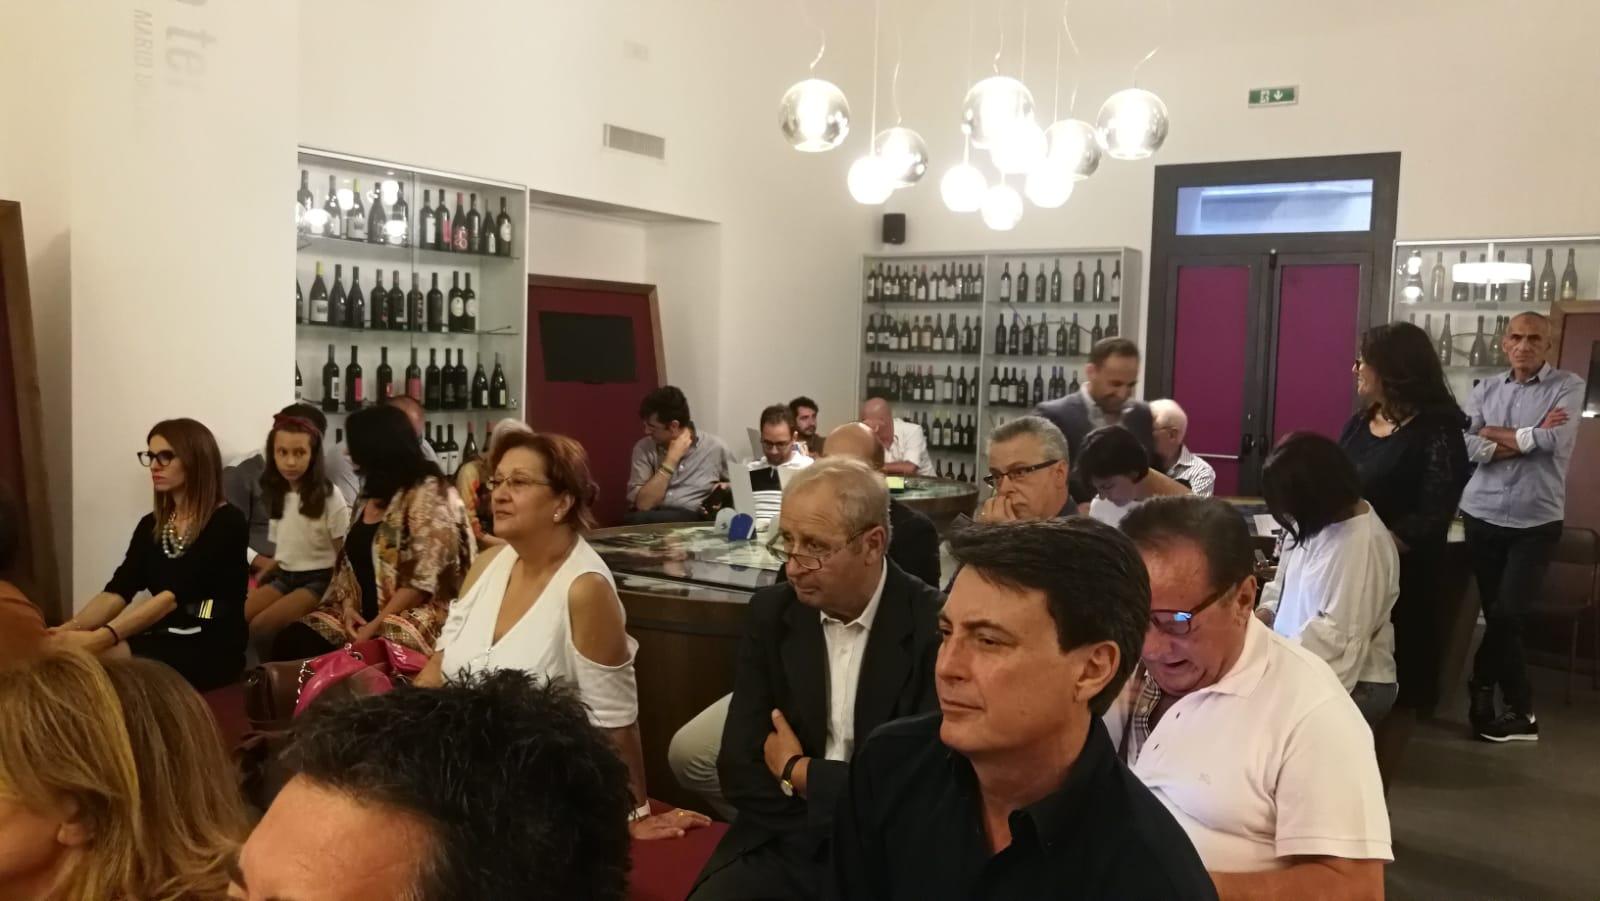 %name GIORNALISTE SUL PISELLO, SUCCESSO PER LA PRESENTAZIONE DEL LIBRO DI FRANCESCA NARDI